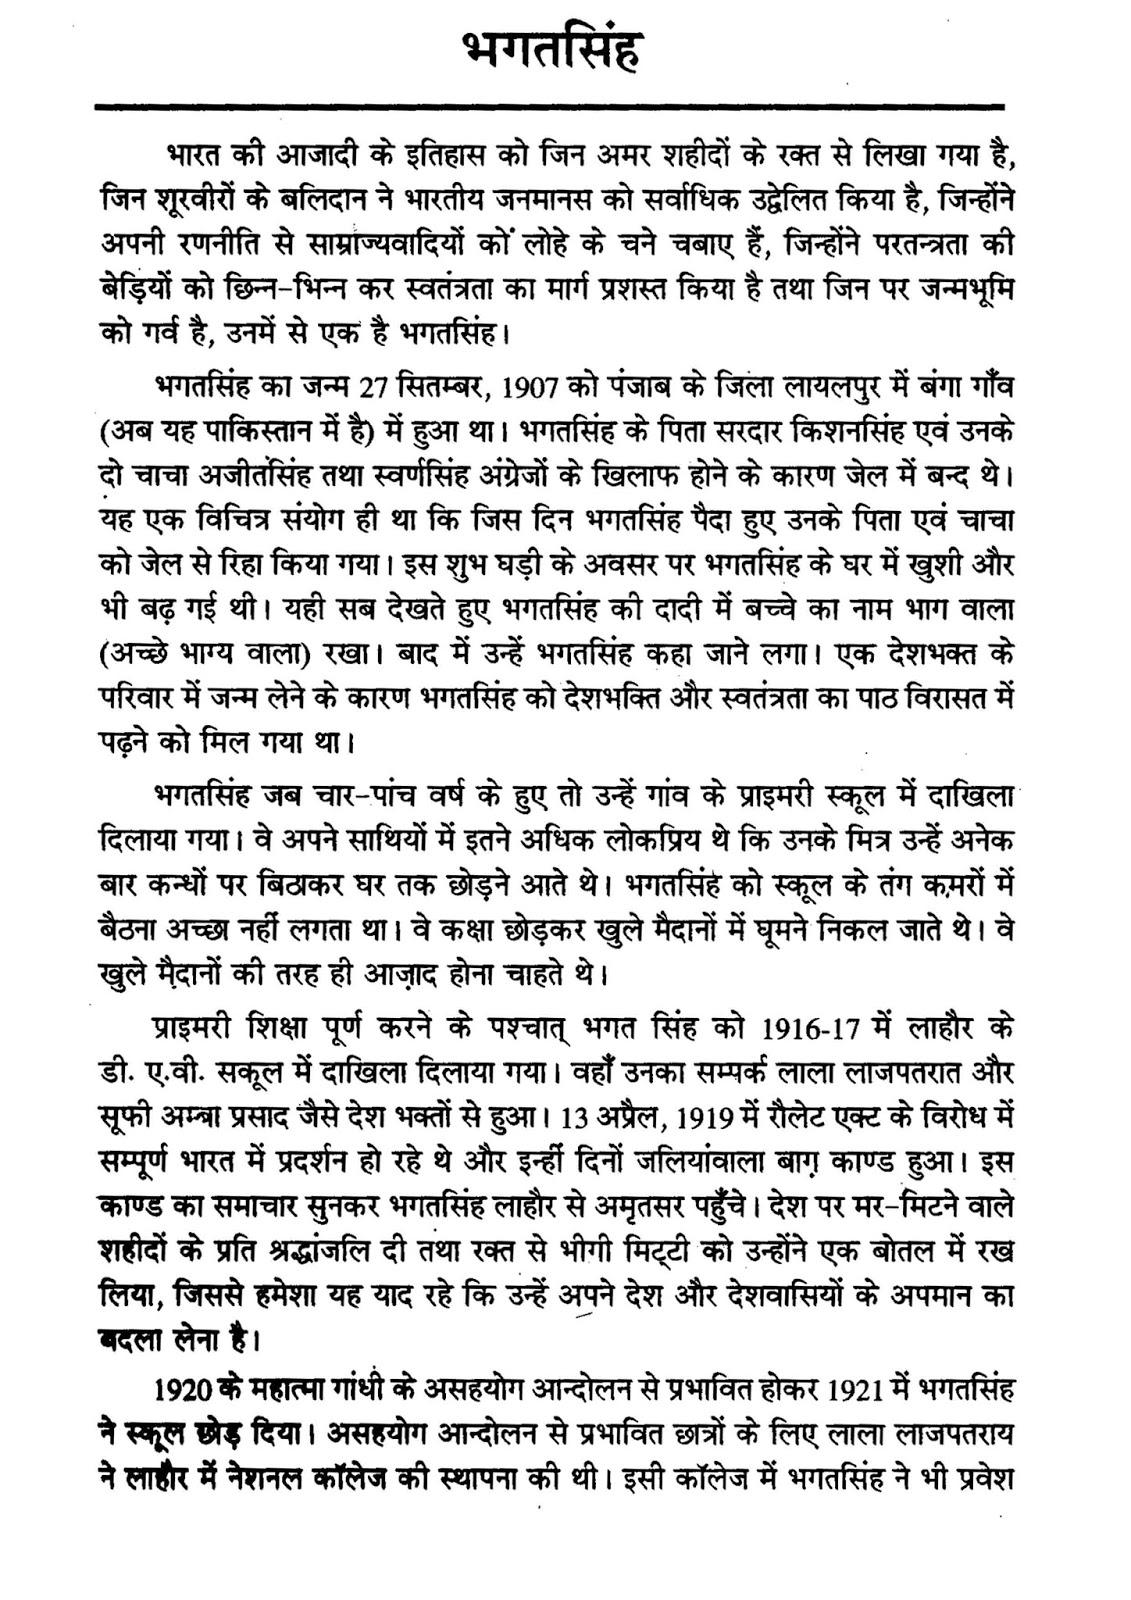 005 Essay On Bhagat Singh In Marathi Bhagat2bsingh2bhindi2bessay2bpage2b01 Unique Short 100 Words Full